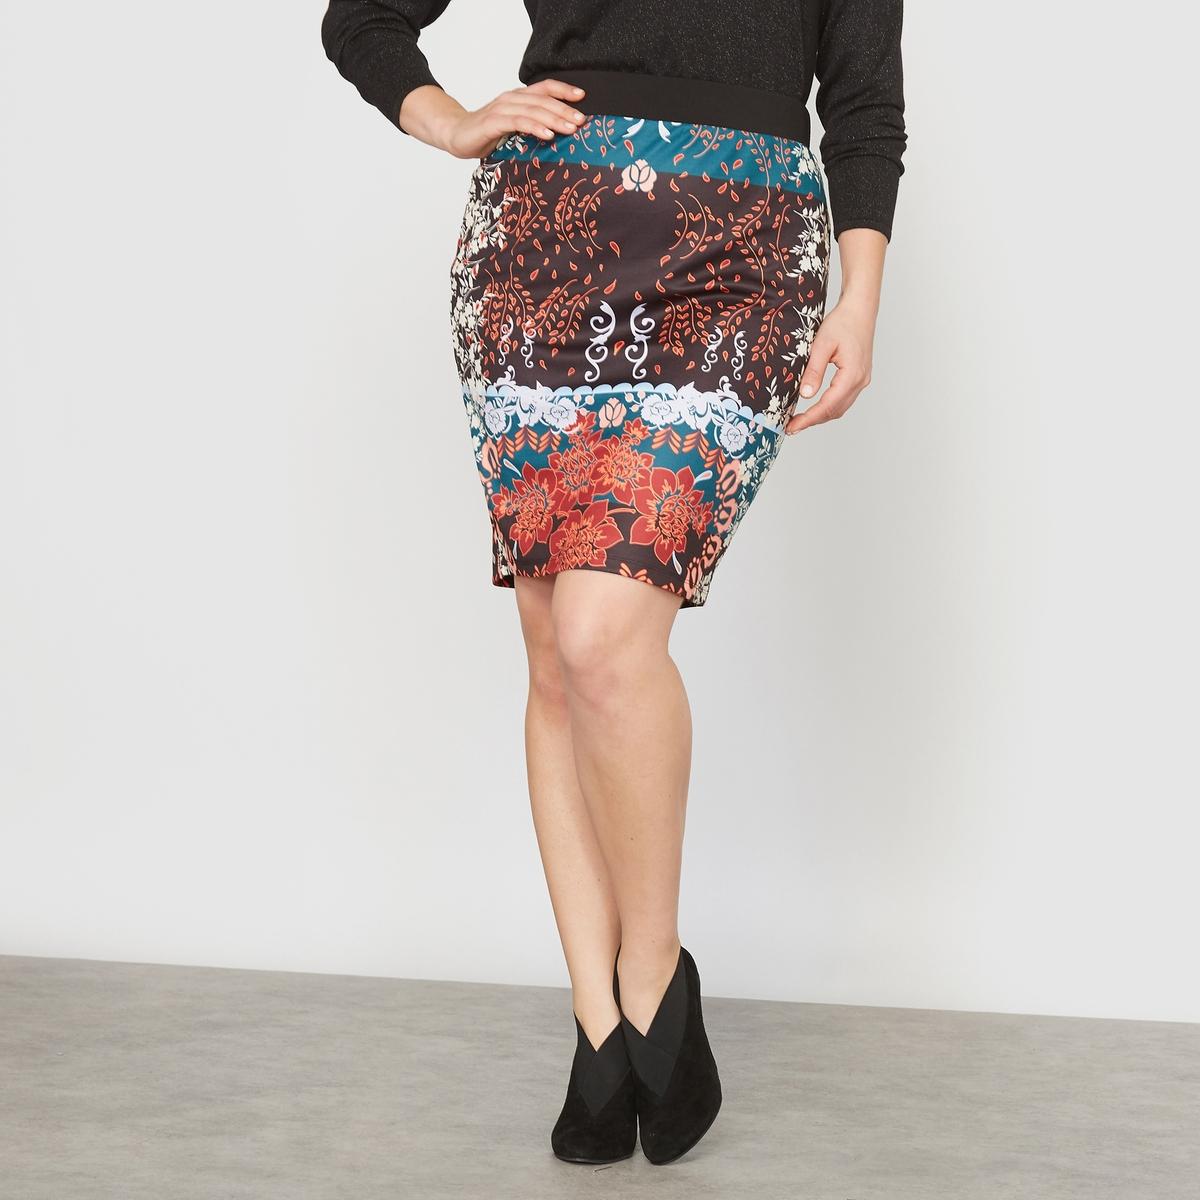 Юбка прямая с рисункомПрямая юбка с рисунком. Рисунок из лоскутов и атласный трикотаж.Красивая отделка : эластичный гладкий пояс черного цвета под креп. Застежка на молнию посередине сзади.С рисунком спереди и сзади.Состав и описание :Материал : эластичный атласный трикотаж 95% полиэстера, 5% эластана, подкладка из трикотажа.Длина : 52 см. Марка : CASTALUNA.Уход : Машинная стирка при 30 °C.<br><br>Цвет: цветочный рисунок<br>Размер: 56 (FR) - 62 (RUS)